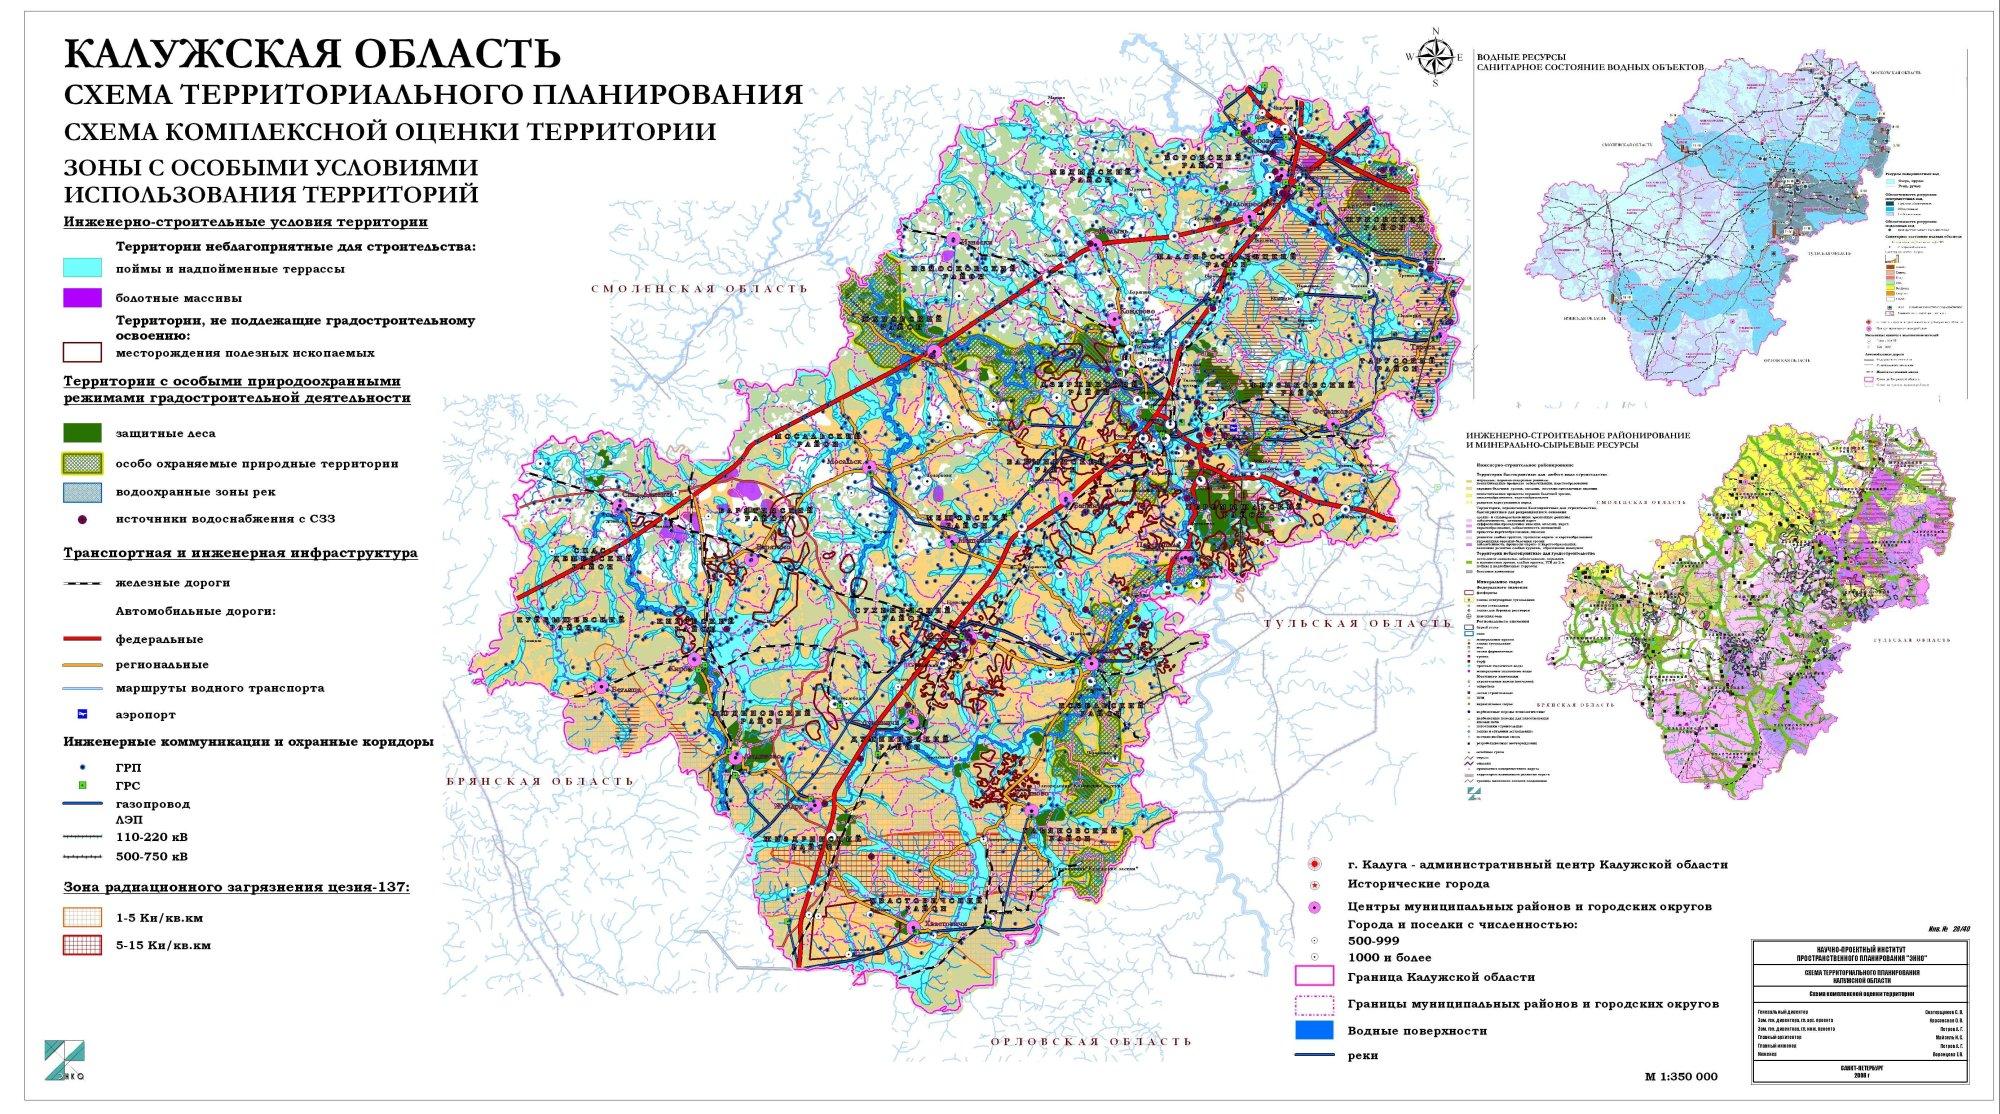 Структура схемы территориального планирования